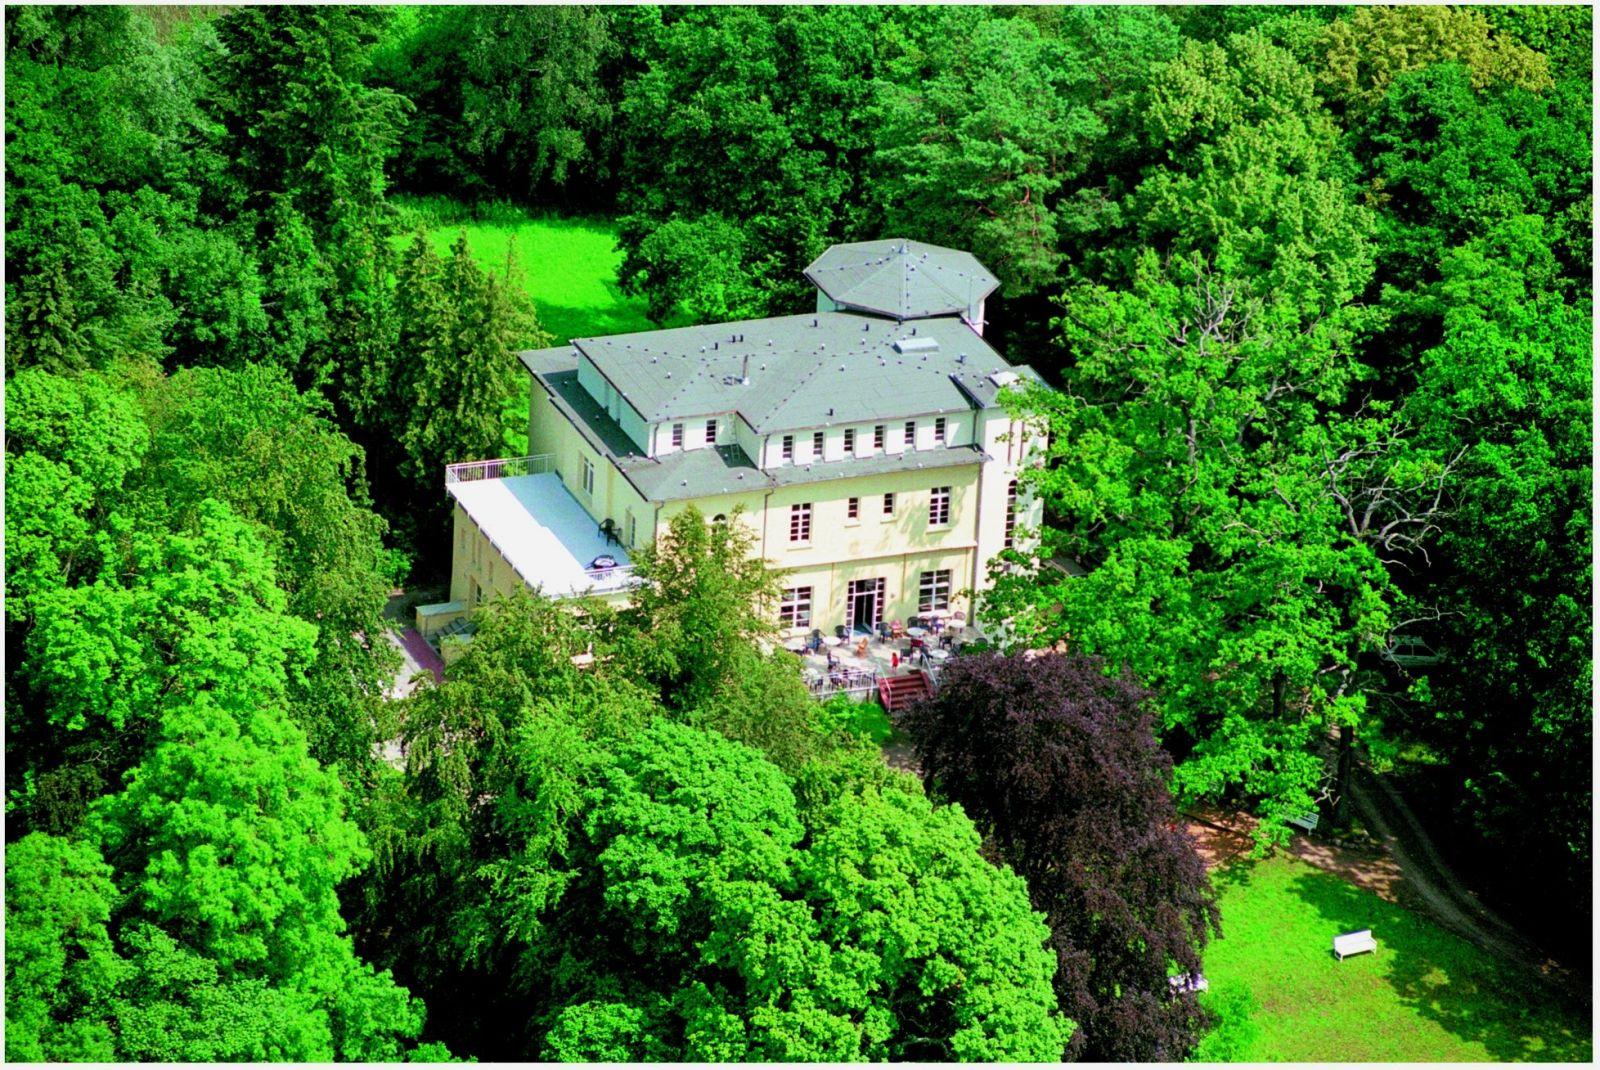 Familienferienpark Dambeck im Müritz-Nationalpark